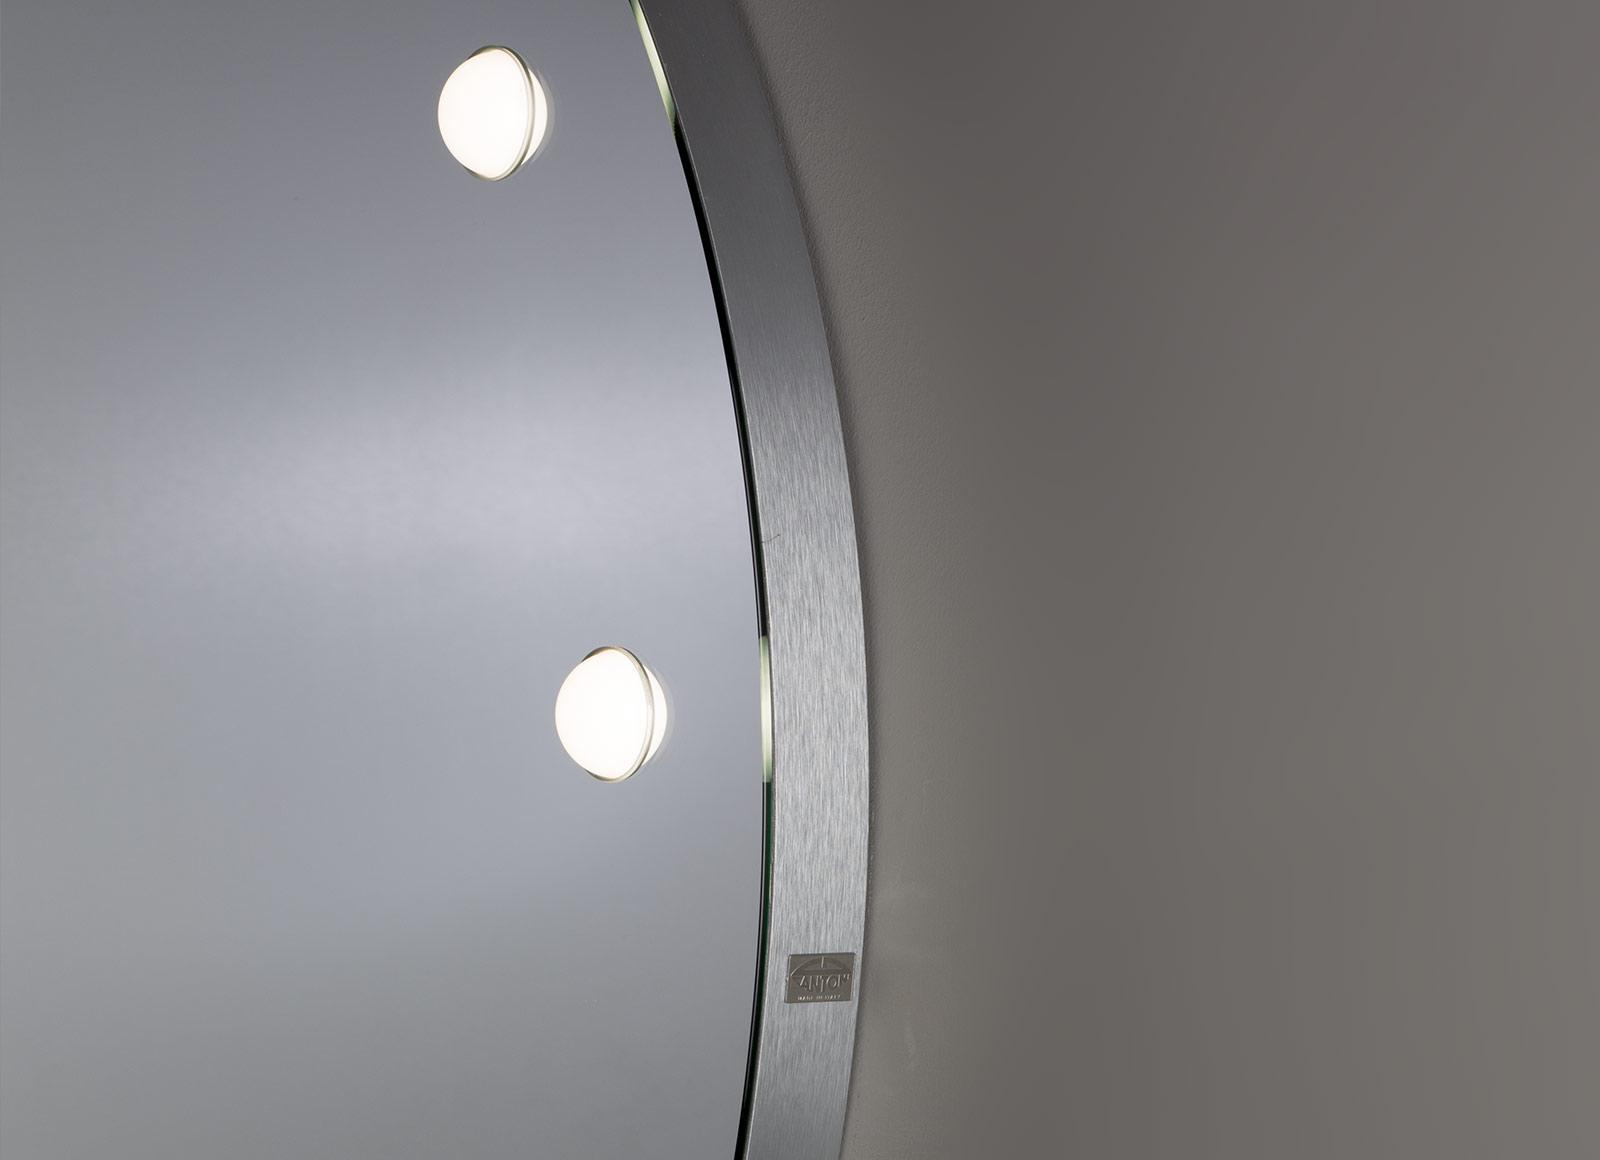 detail-MH-specchi-da-parete-5-hr